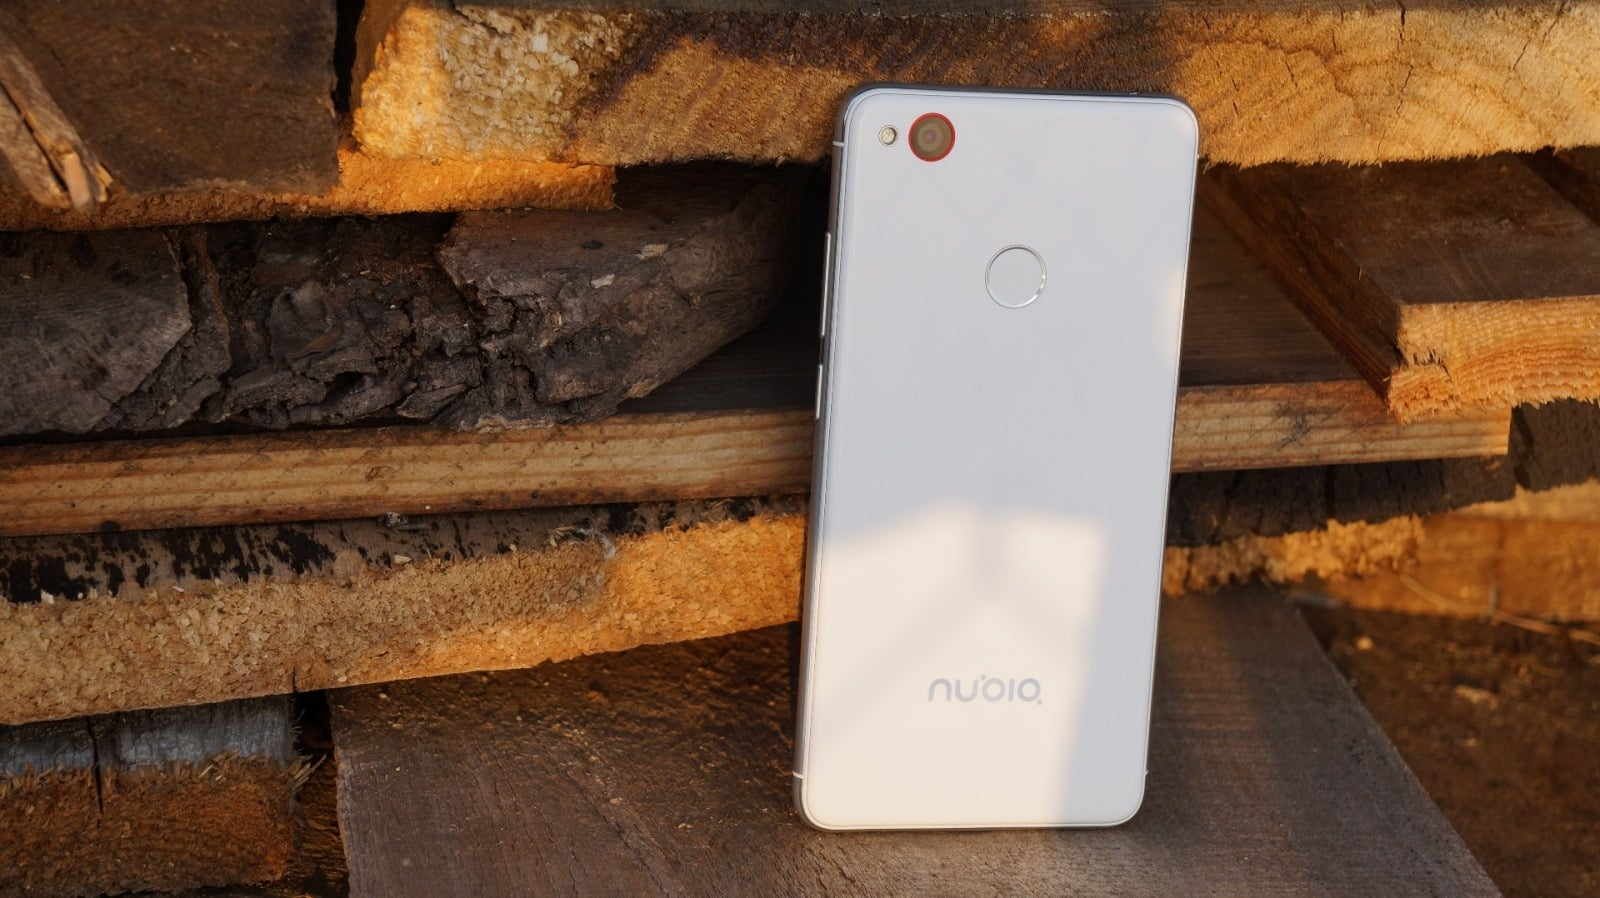 Recenzja Nubia Z11 mini 19